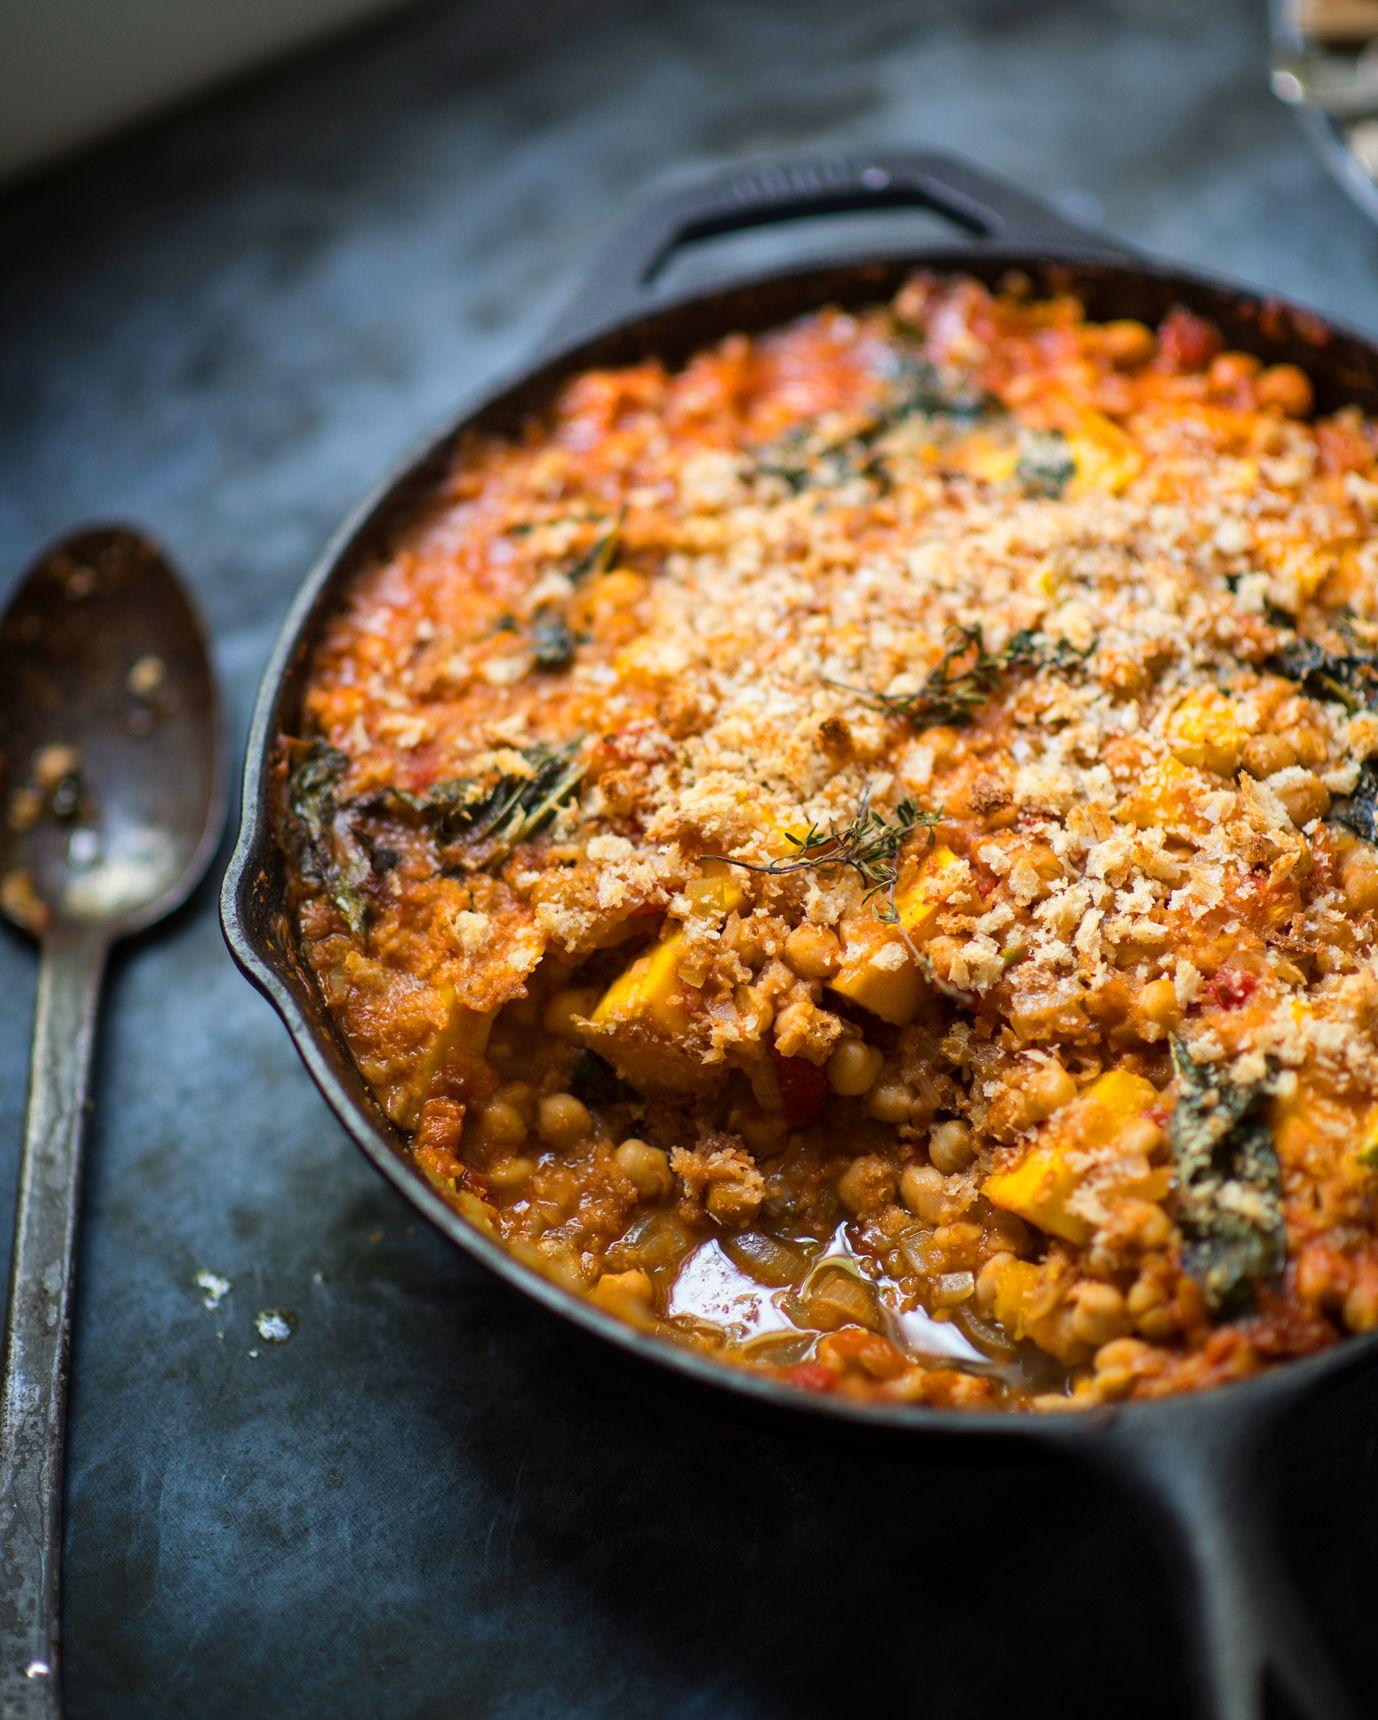 gourmet vegetarian cassoulet recipe - HD1378×1720